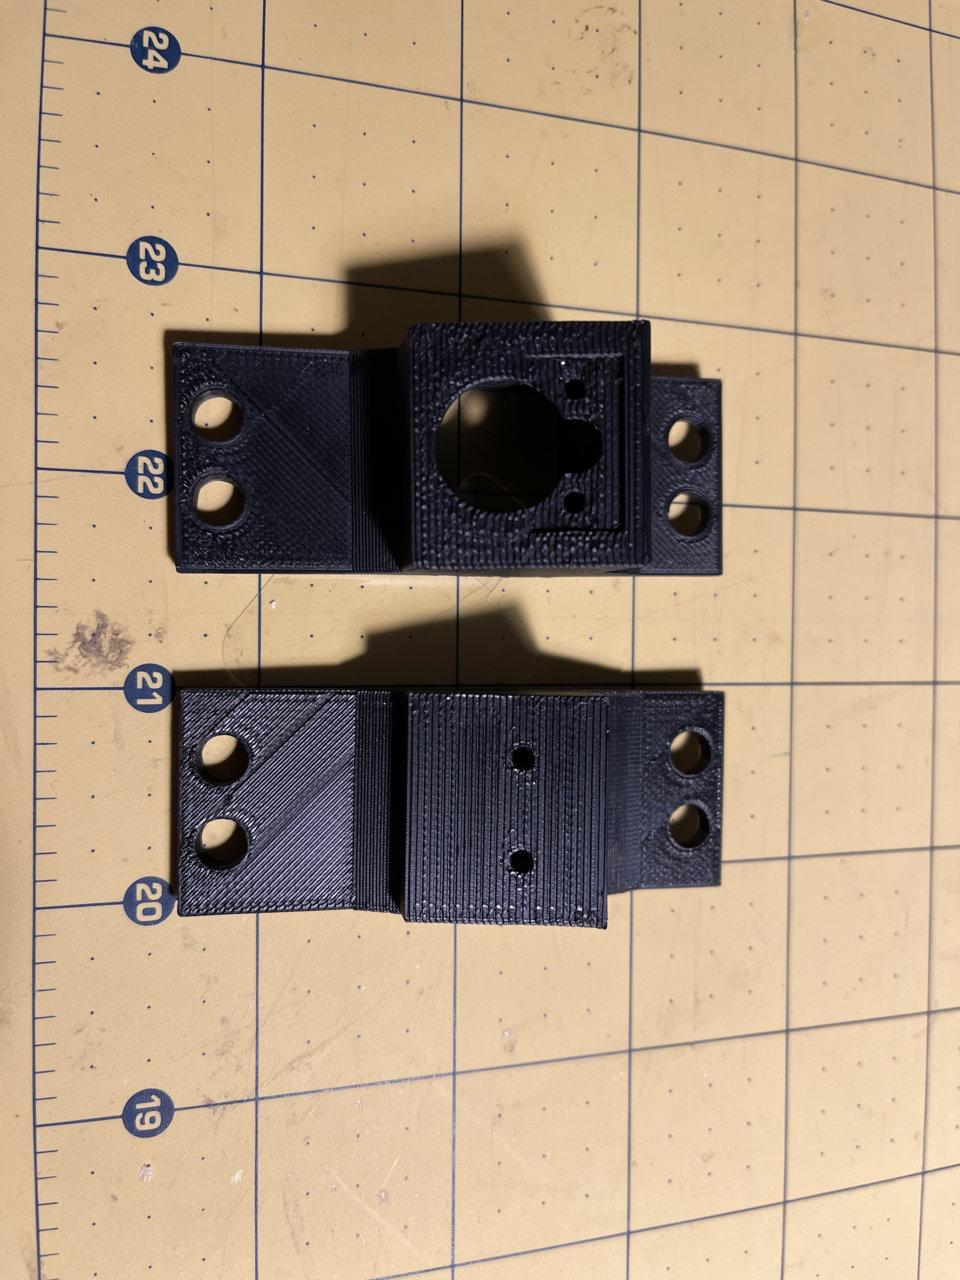 D17FED06-77B3-4AFB-AF4A-116BA3110B1A.jpg